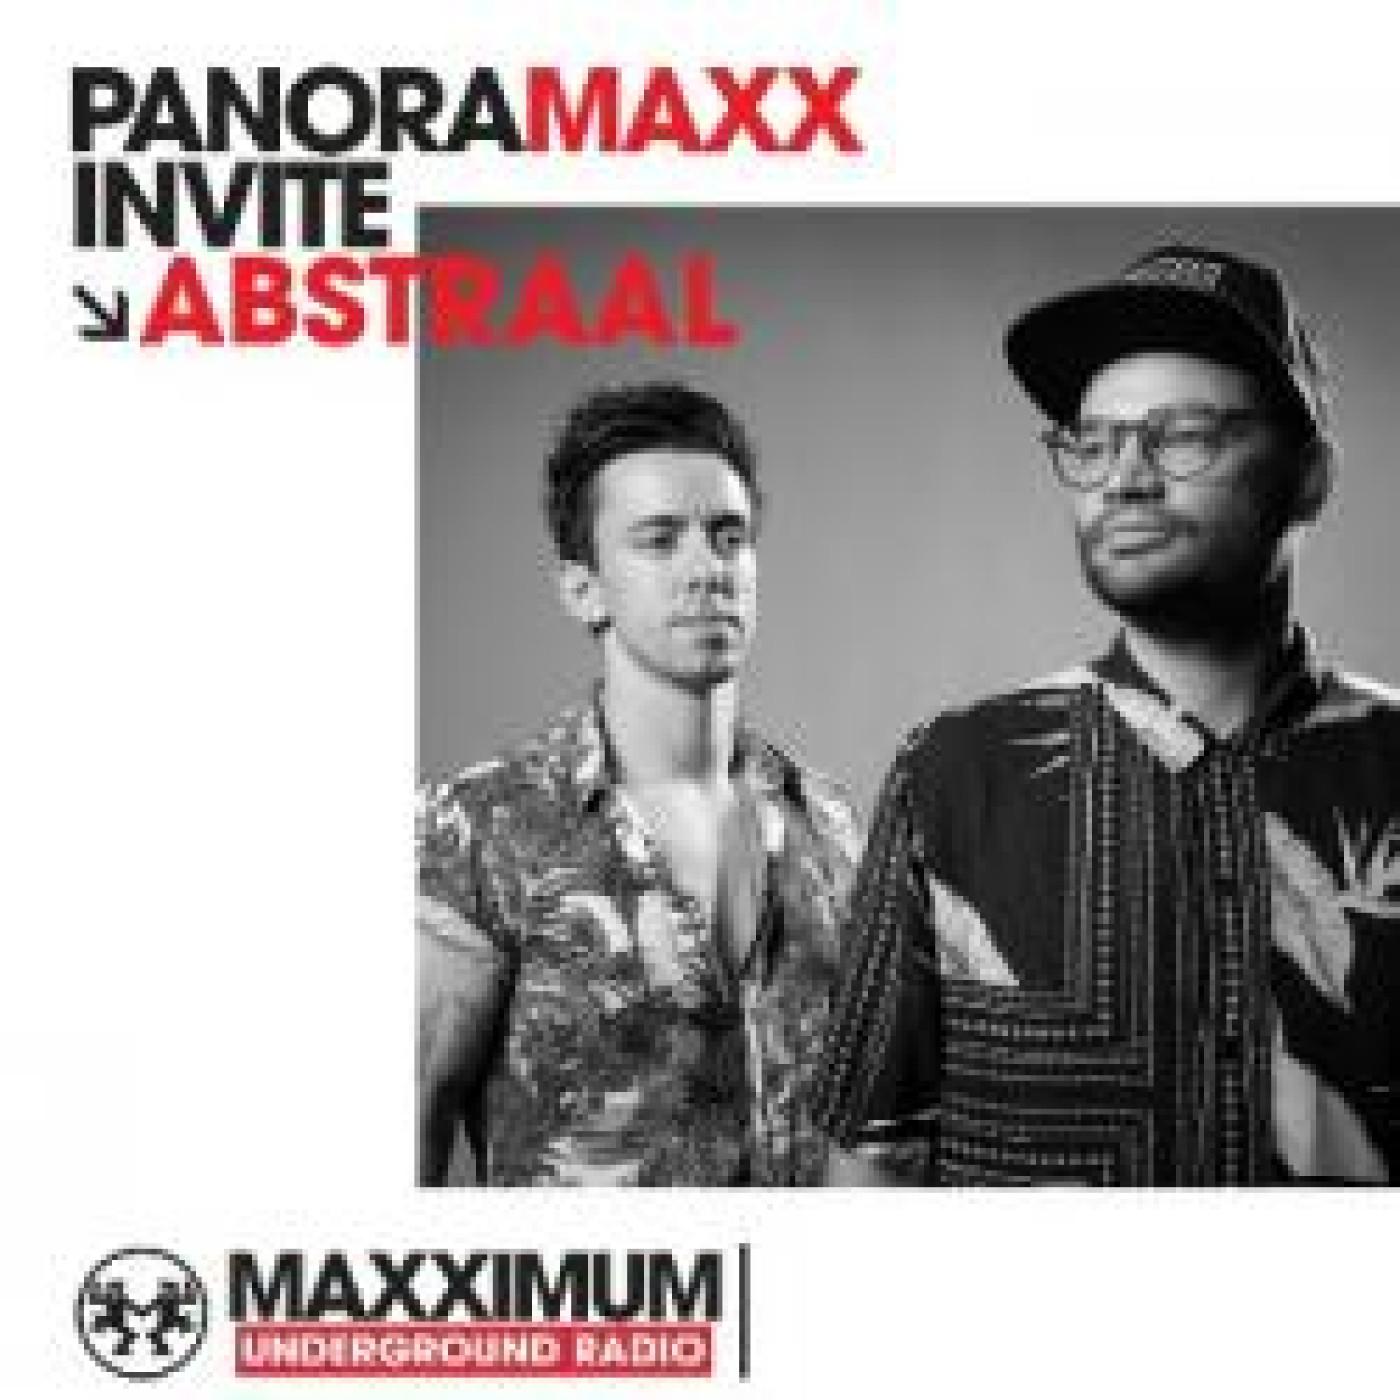 PANORAMAXX : ABSTRAAL